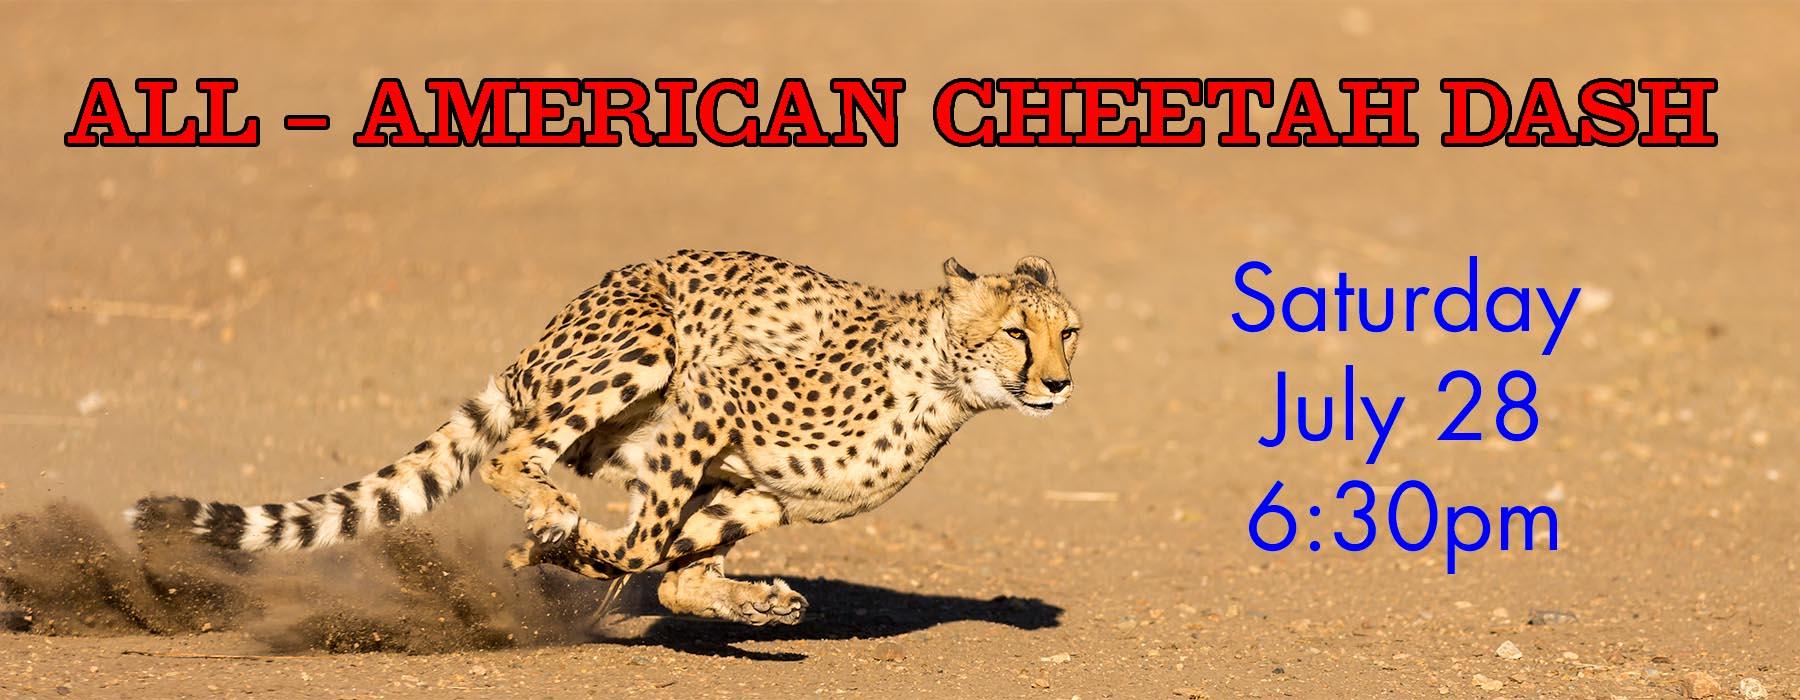 All American Cheetah Dash Header